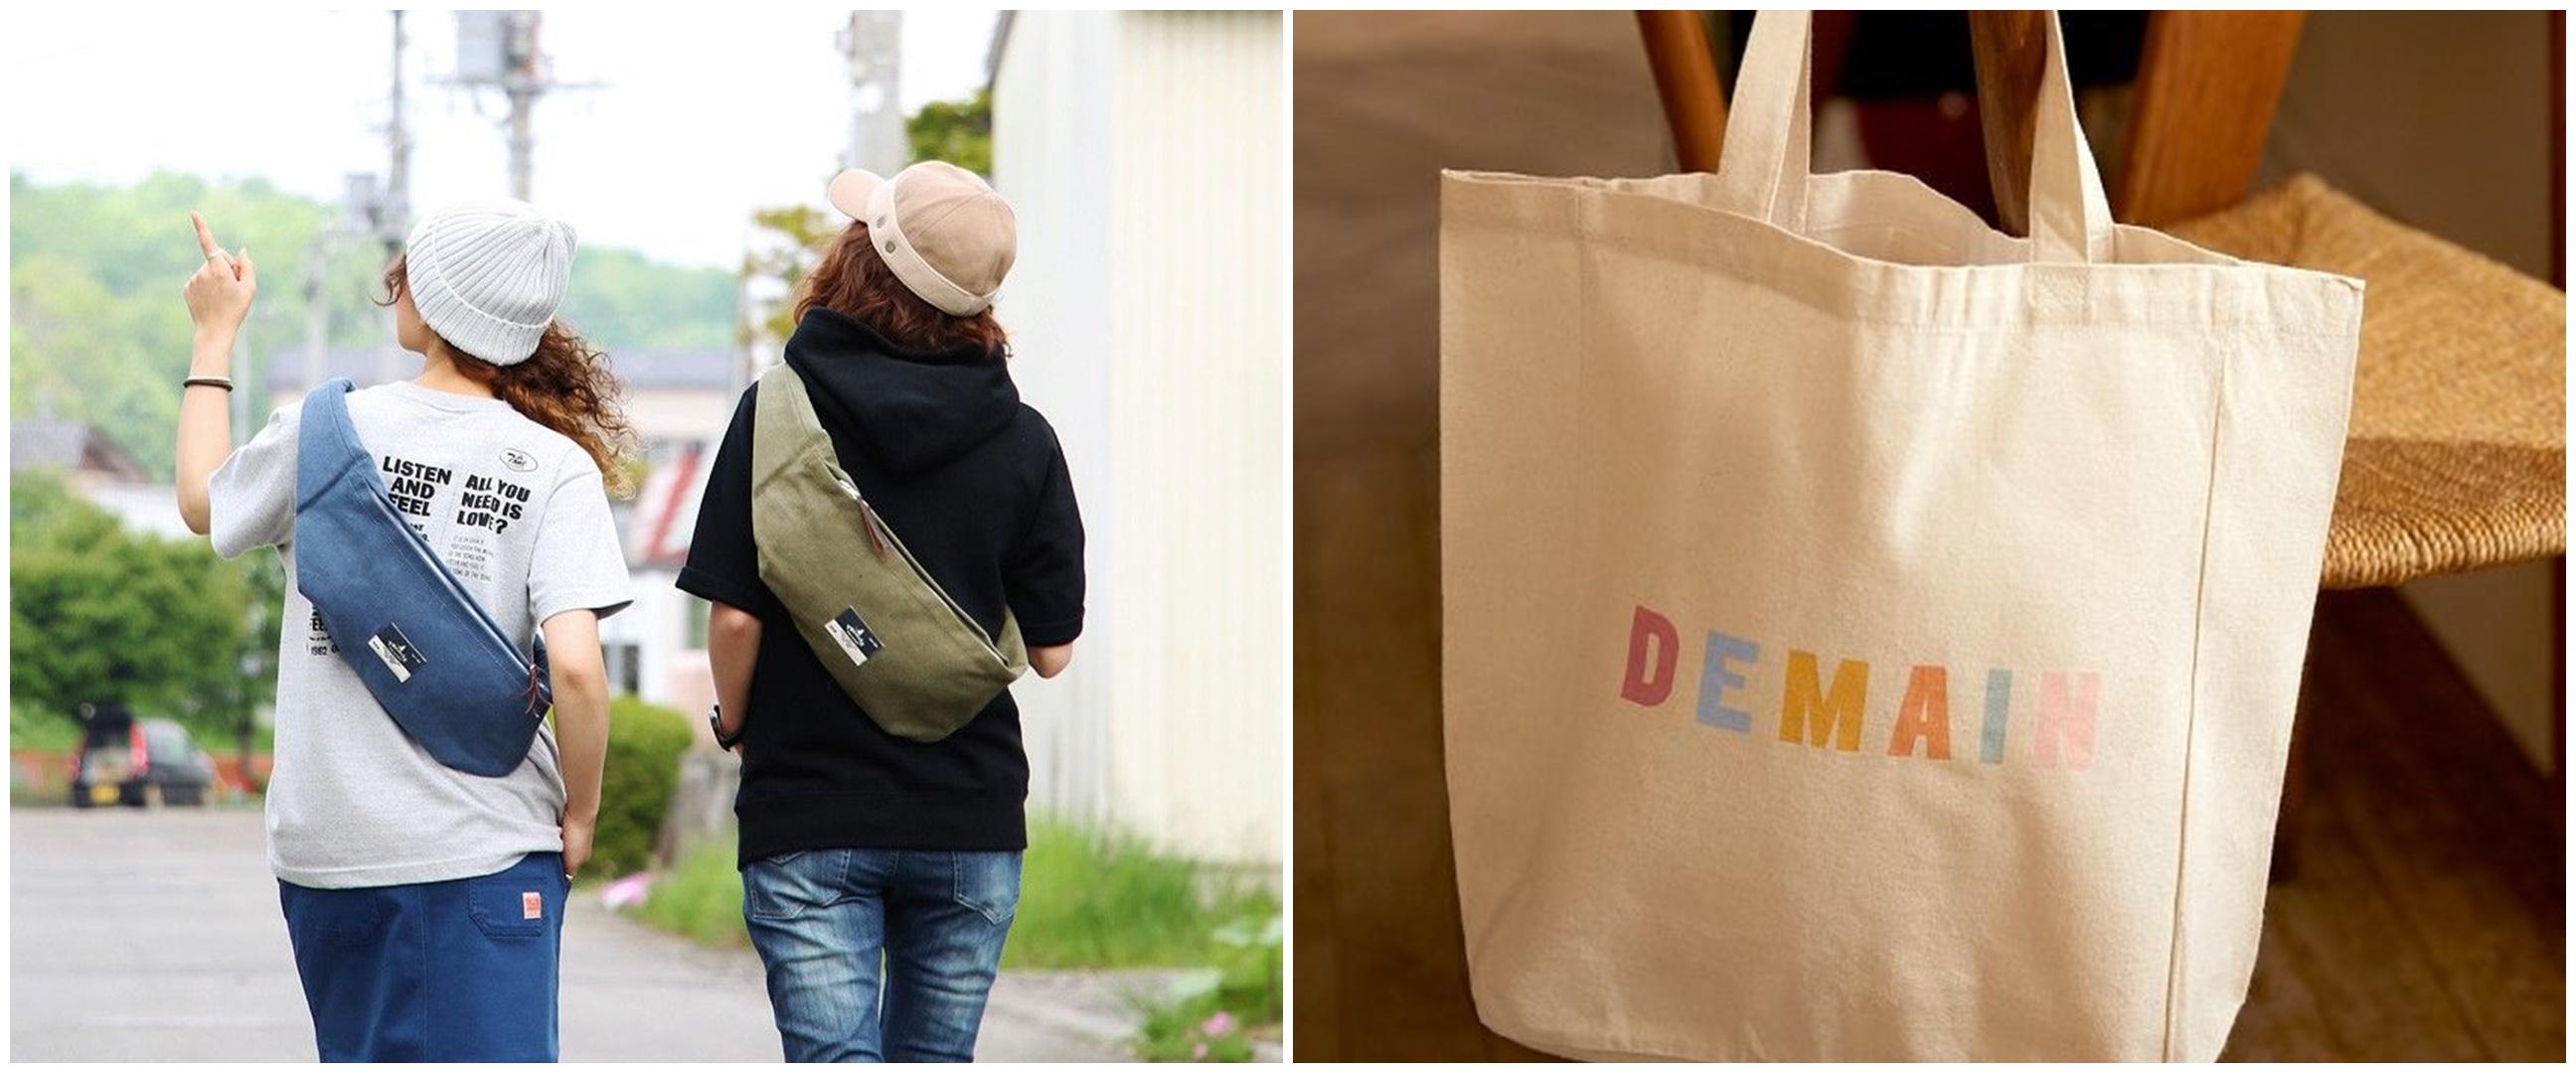 10 Tas pria yang cocok dipakai wanita, modis abis